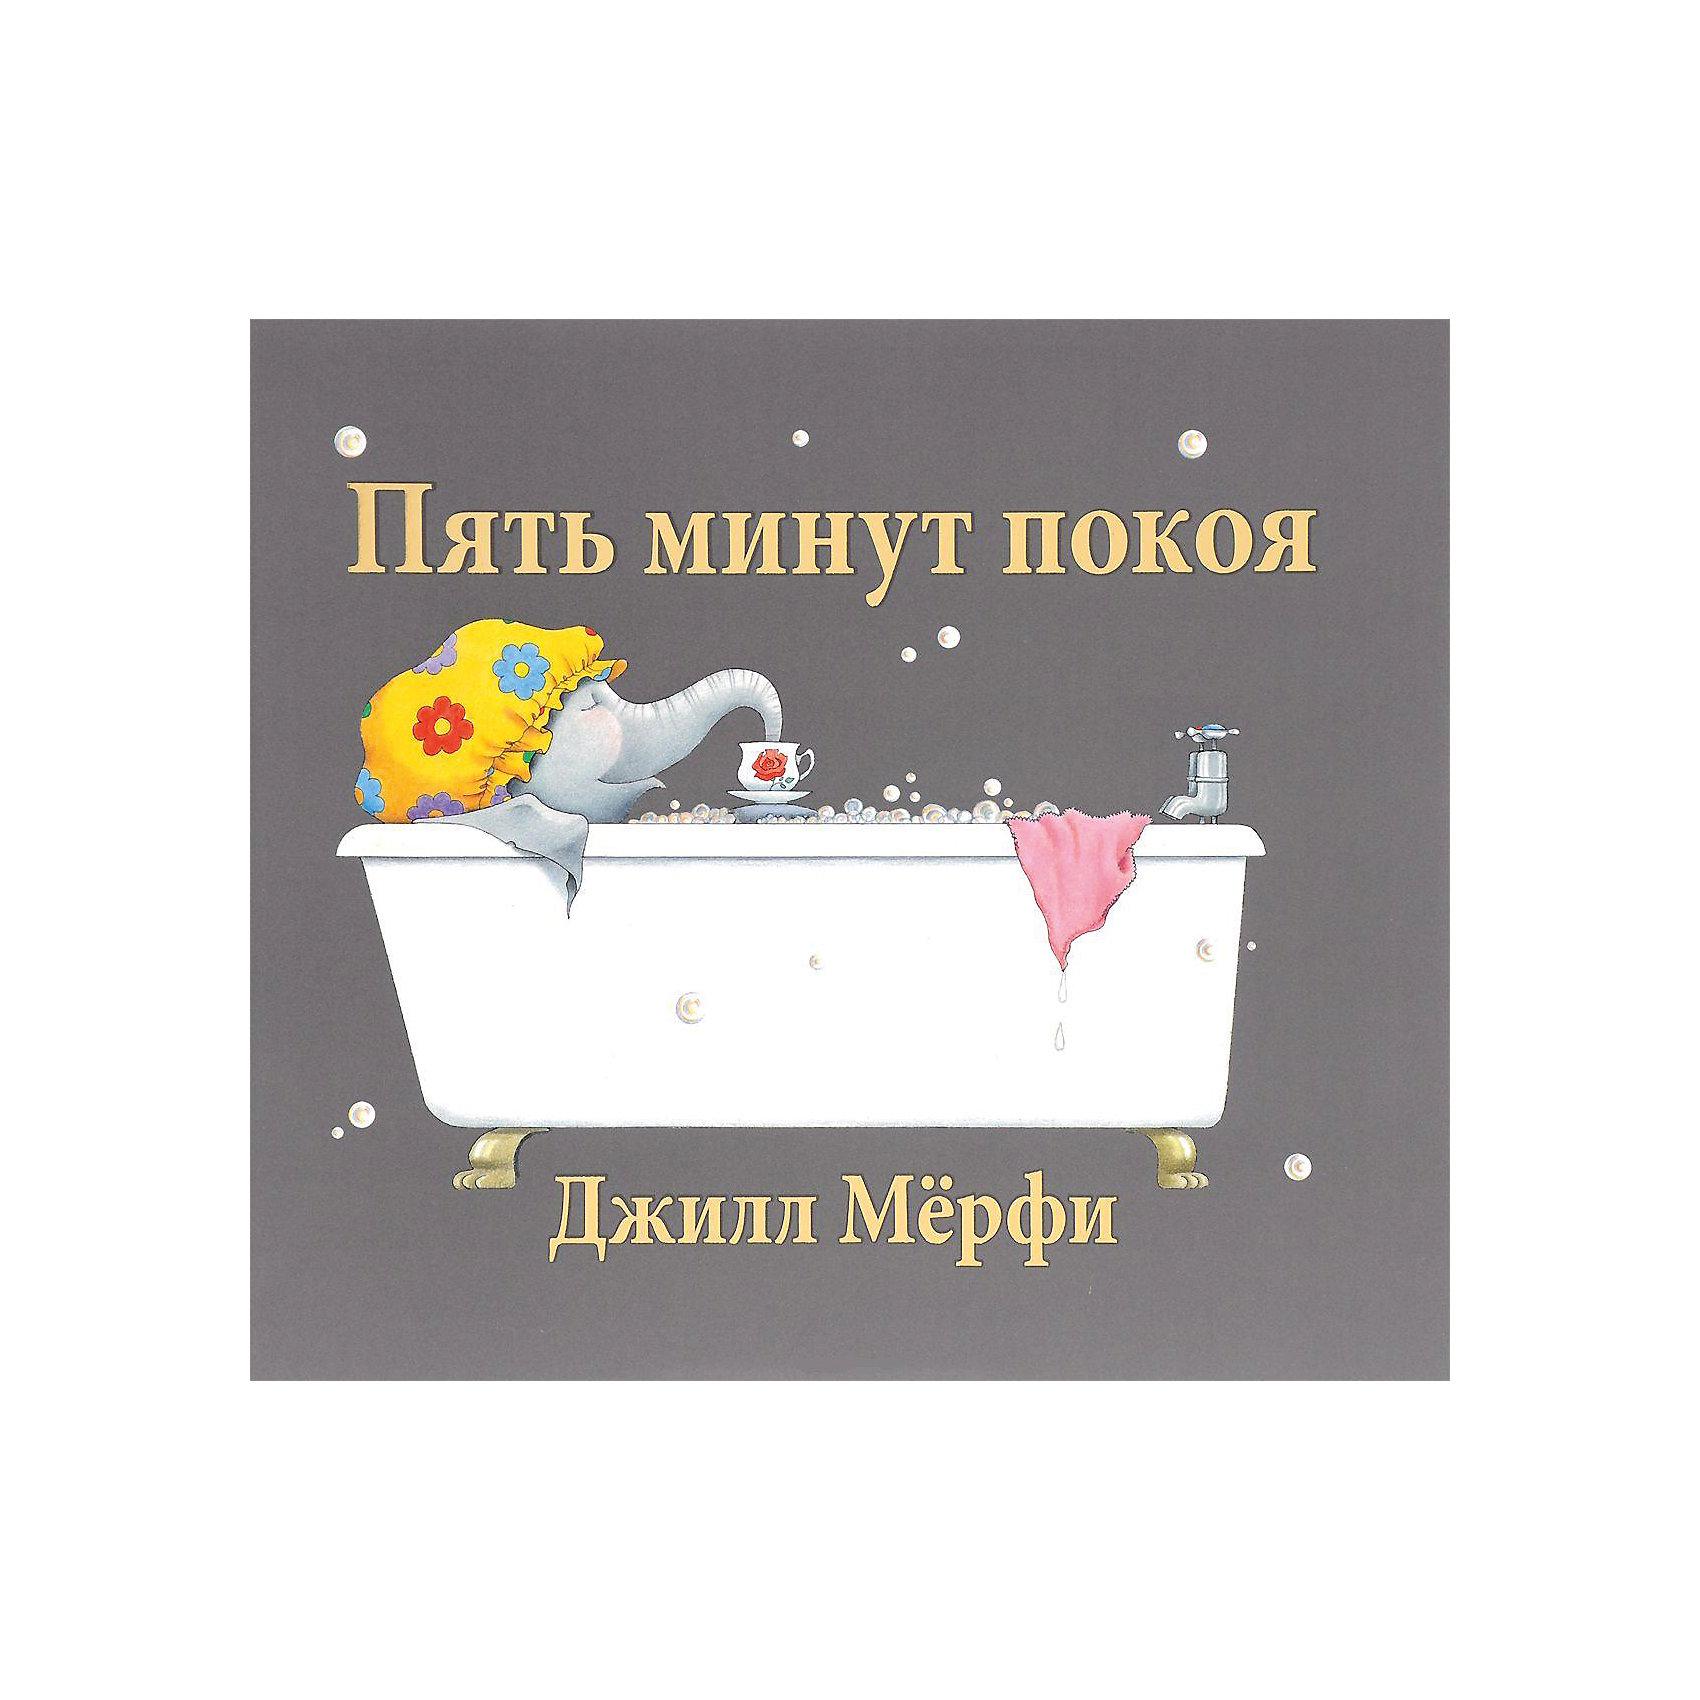 Пять минут покоя, Дж. МёрфиПять минут покоя, Дж. Мёрфи – это увлекательная красочно иллюстрированная книга.<br>Маме трех непоседливых слонят так хочется понежиться в горячей душистой ванне с чашечкой чая. Она заслужила хоть немного покоя! Вот только дети не хотят расстаться с любимой мамой даже на пять минут. Мама Слониха дошла до ванной комнаты, открыла кран, наполнила ванну, вылила туда добрые полфлакона с пеной и блаженно расслабилась в горячей душистой воде. Но тут пришёл старший сын с флейтой, и сыграл «Спи, моя радость, усни» три с половиной раза, затем явилась дочь и потребовала послушать, как она читает (под «Красную Шапочку» мама чуть подремала), а вскоре подоспел и младшенький, да не с пустыми руками. «Это тебе!» — сказал он и щедрым жестом бросил все свои игрушечные сокровища в ванну… История о славном слоновьем семействе завоевала сердца читателей сразу же после выхода в свет. Журнал Parent`s назвал ее «Лучшей книгой для детей». За тридцать лет, прошедших с первой публикации, было продано более миллиона экземпляров этой чудесной книжки, и она по-прежнему остается очень актуальной. Секрет в том, что она одинаково нравится и детям, и их мамам: и те, и другие узнают в персонажах самих себя. Для детей дошкольного возраста.<br><br>Дополнительная информация:<br><br>- Автор: Мерфи Джилл<br>- Художник: Мерфи Джилл<br>- Переводчик: Ремез Анна Александровна<br>- Издательство: Поляндрия, 2016 г.<br>- Тип обложки: 7Б - твердая (плотная бумага или картон)<br>- Оформление: тиснение золотом<br>- Иллюстрации: цветные<br>- Количество страниц: 32 (офсет)<br>- Размер: 240x276x9 мм.<br>- Вес: 452 гр.<br><br>Книгу «Пять минут покоя», Дж. Мёрфи можно купить в нашем интернет-магазине.<br><br>Ширина мм: 276<br>Глубина мм: 9<br>Высота мм: 240<br>Вес г: 452<br>Возраст от месяцев: -2147483648<br>Возраст до месяцев: 2147483647<br>Пол: Унисекс<br>Возраст: Детский<br>SKU: 4916613